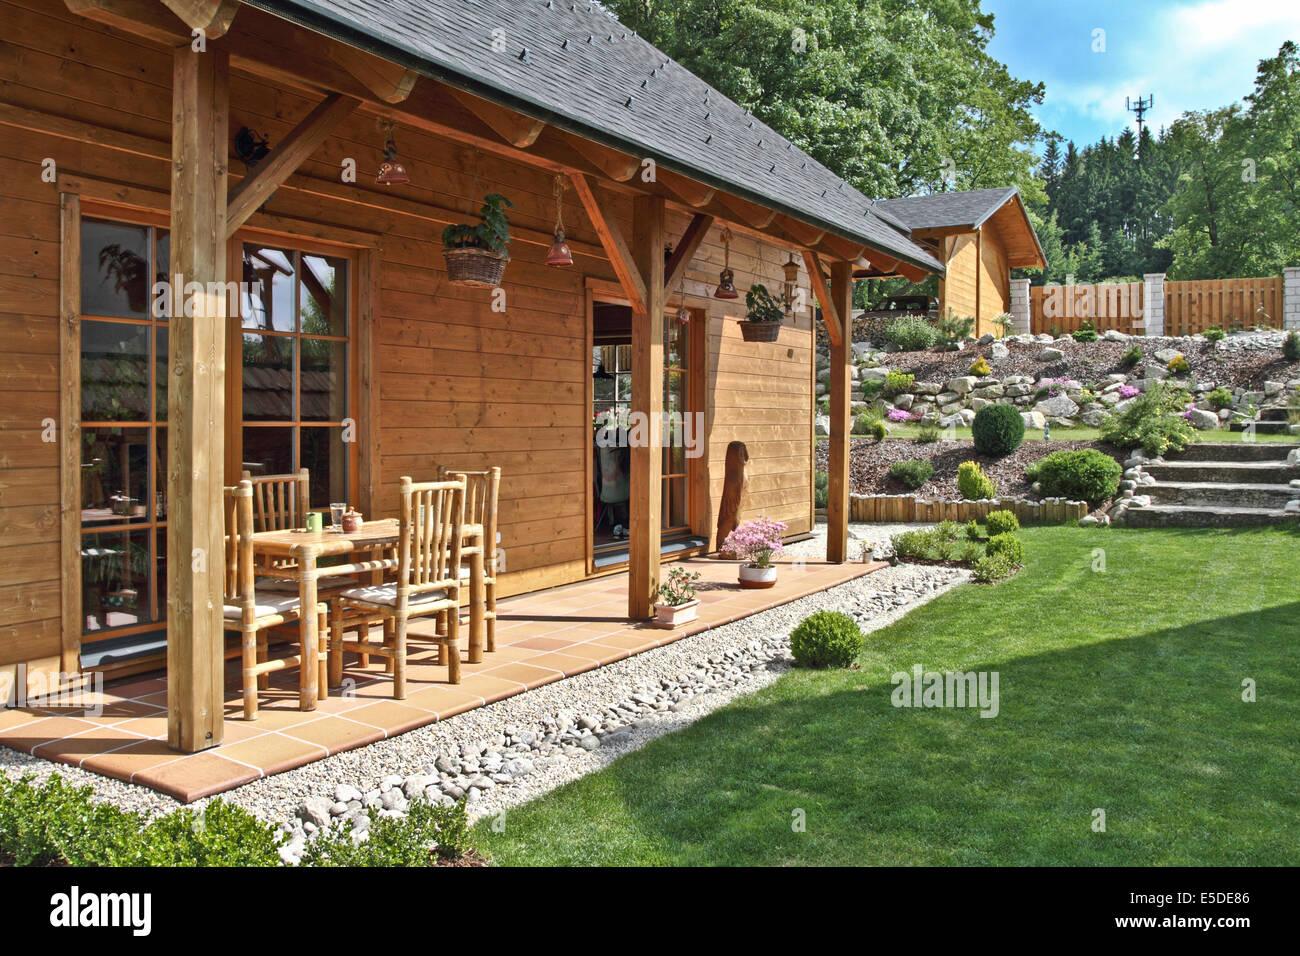 Moderne Holzhaus mit Terrasse und Garten Stockfoto, Bild ...